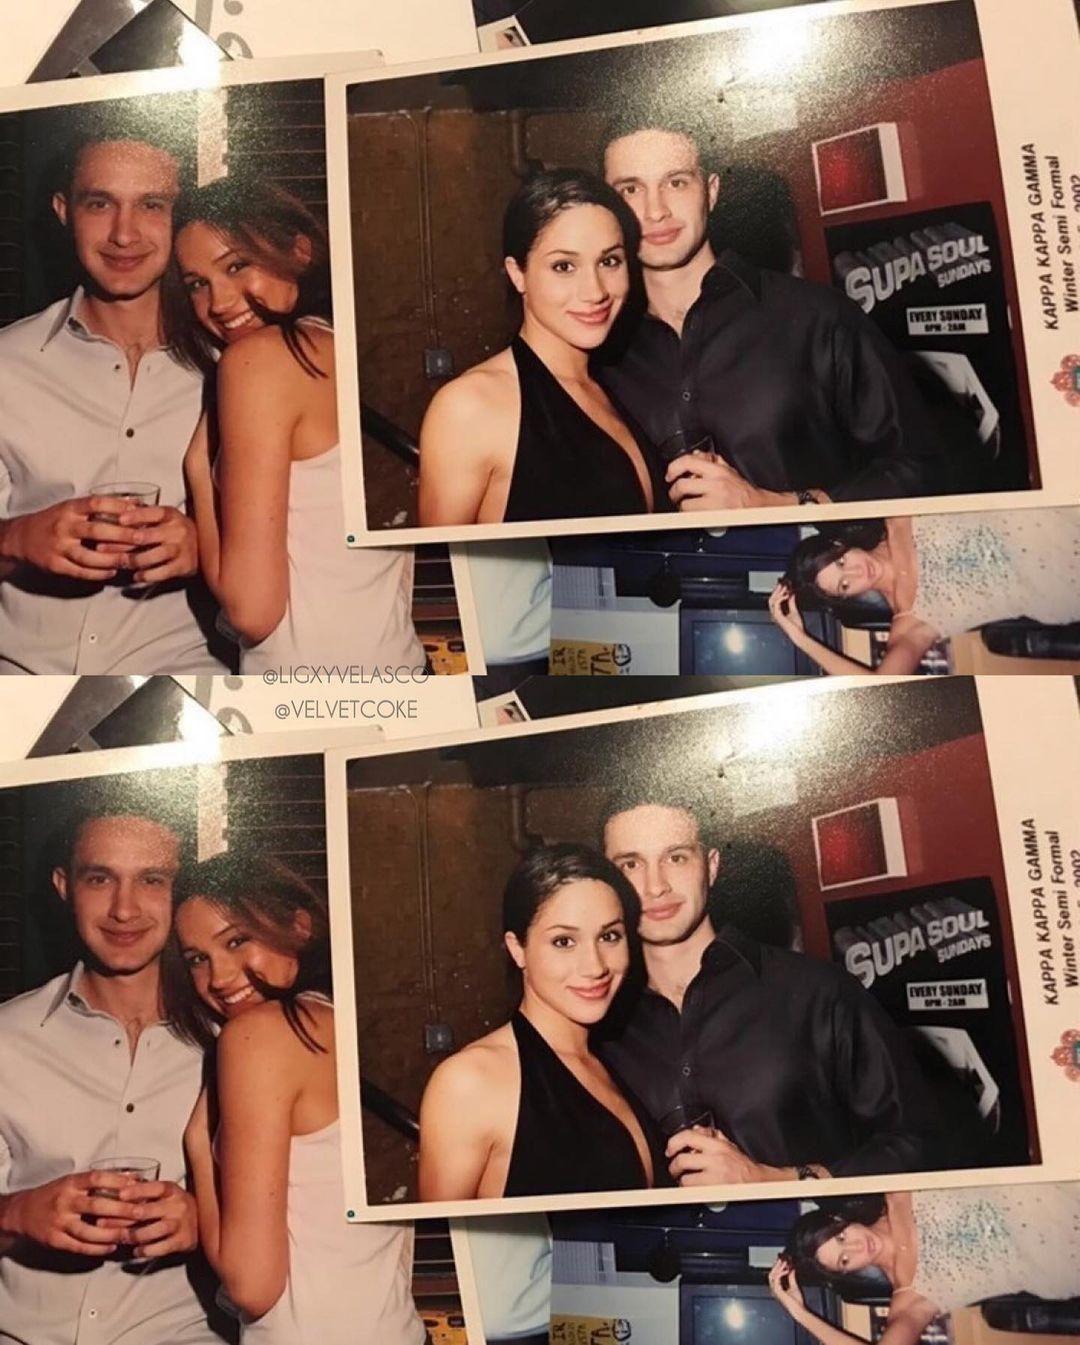 Меган Маркл с парнем / фото instagram.com/velvetcoke